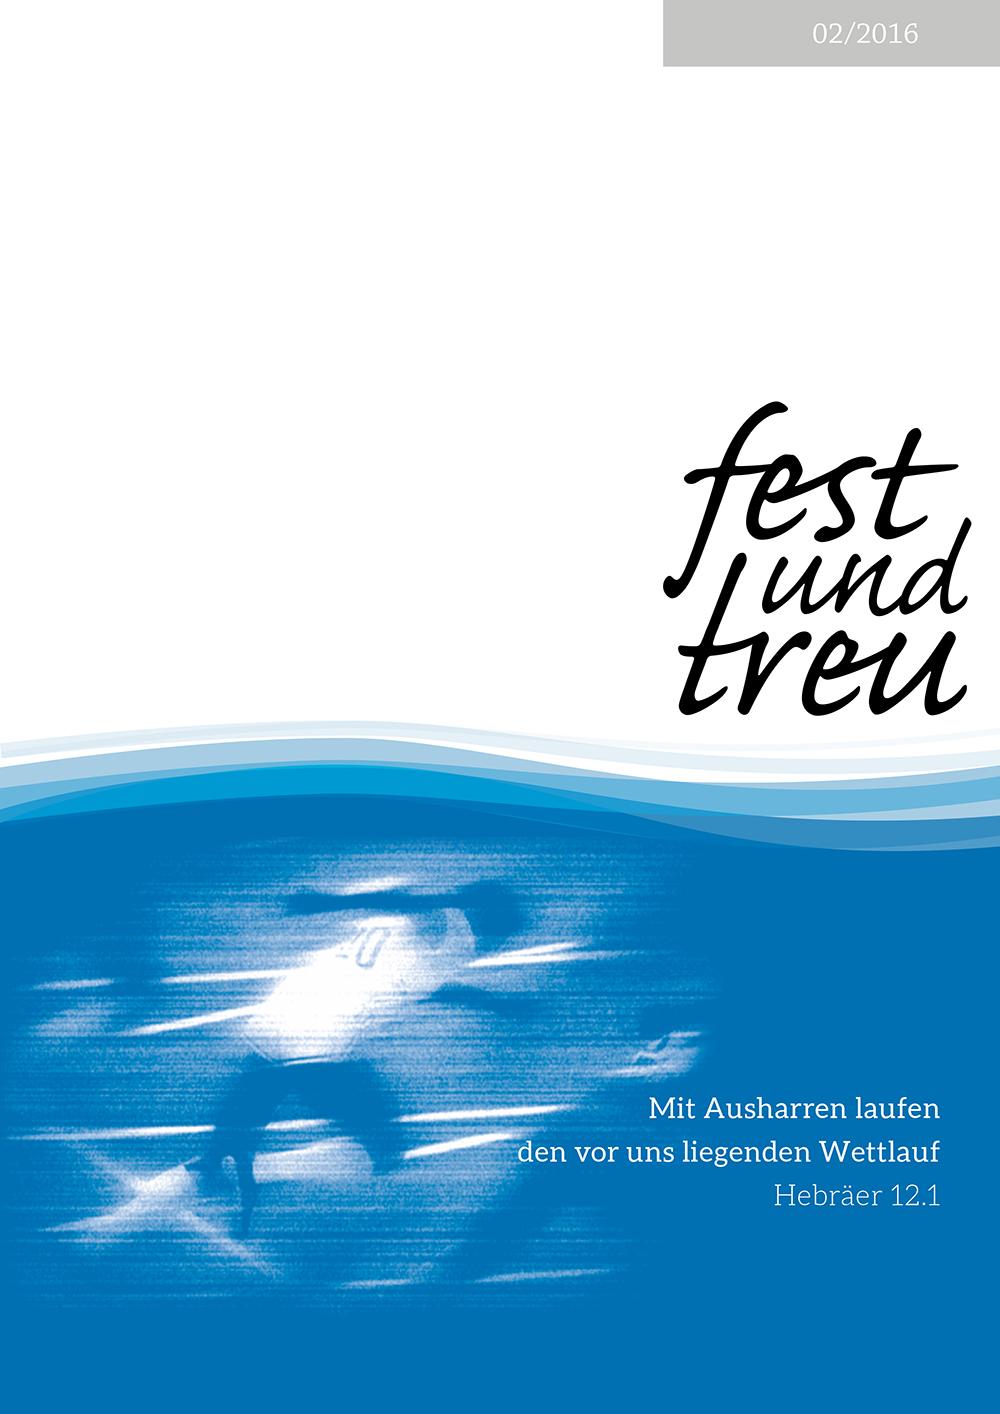 CLV_fest-treu-2-2016_2551602_1